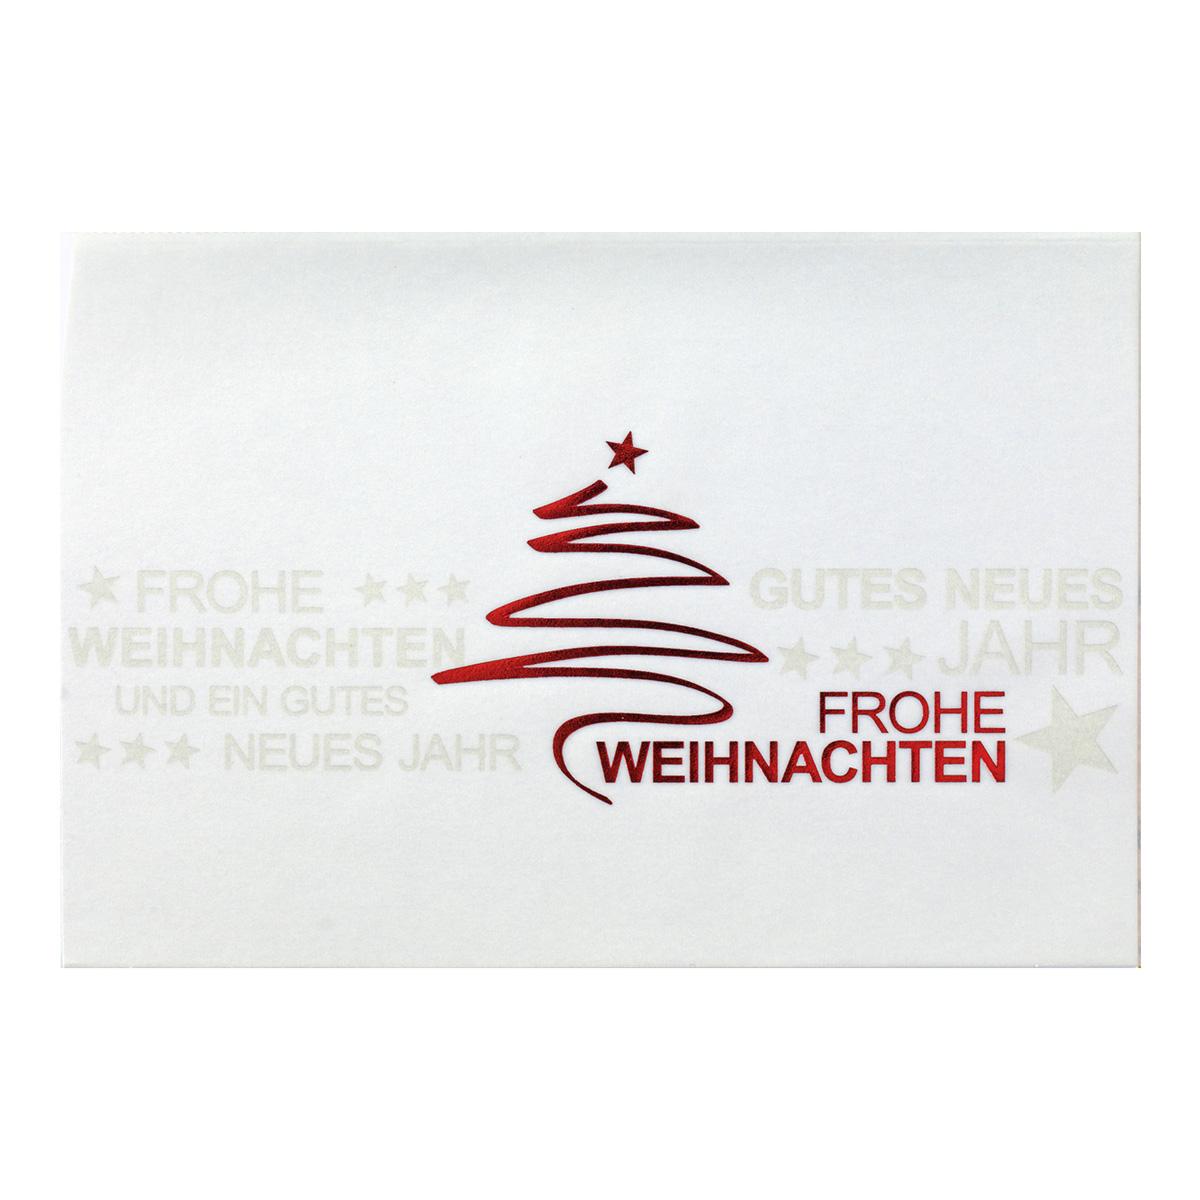 Moderne Weihnachtskarten.Weihnachtskarte Weisser Karton Folienpragung Silber Und Rot Transprint Mit Foliepragung Rot